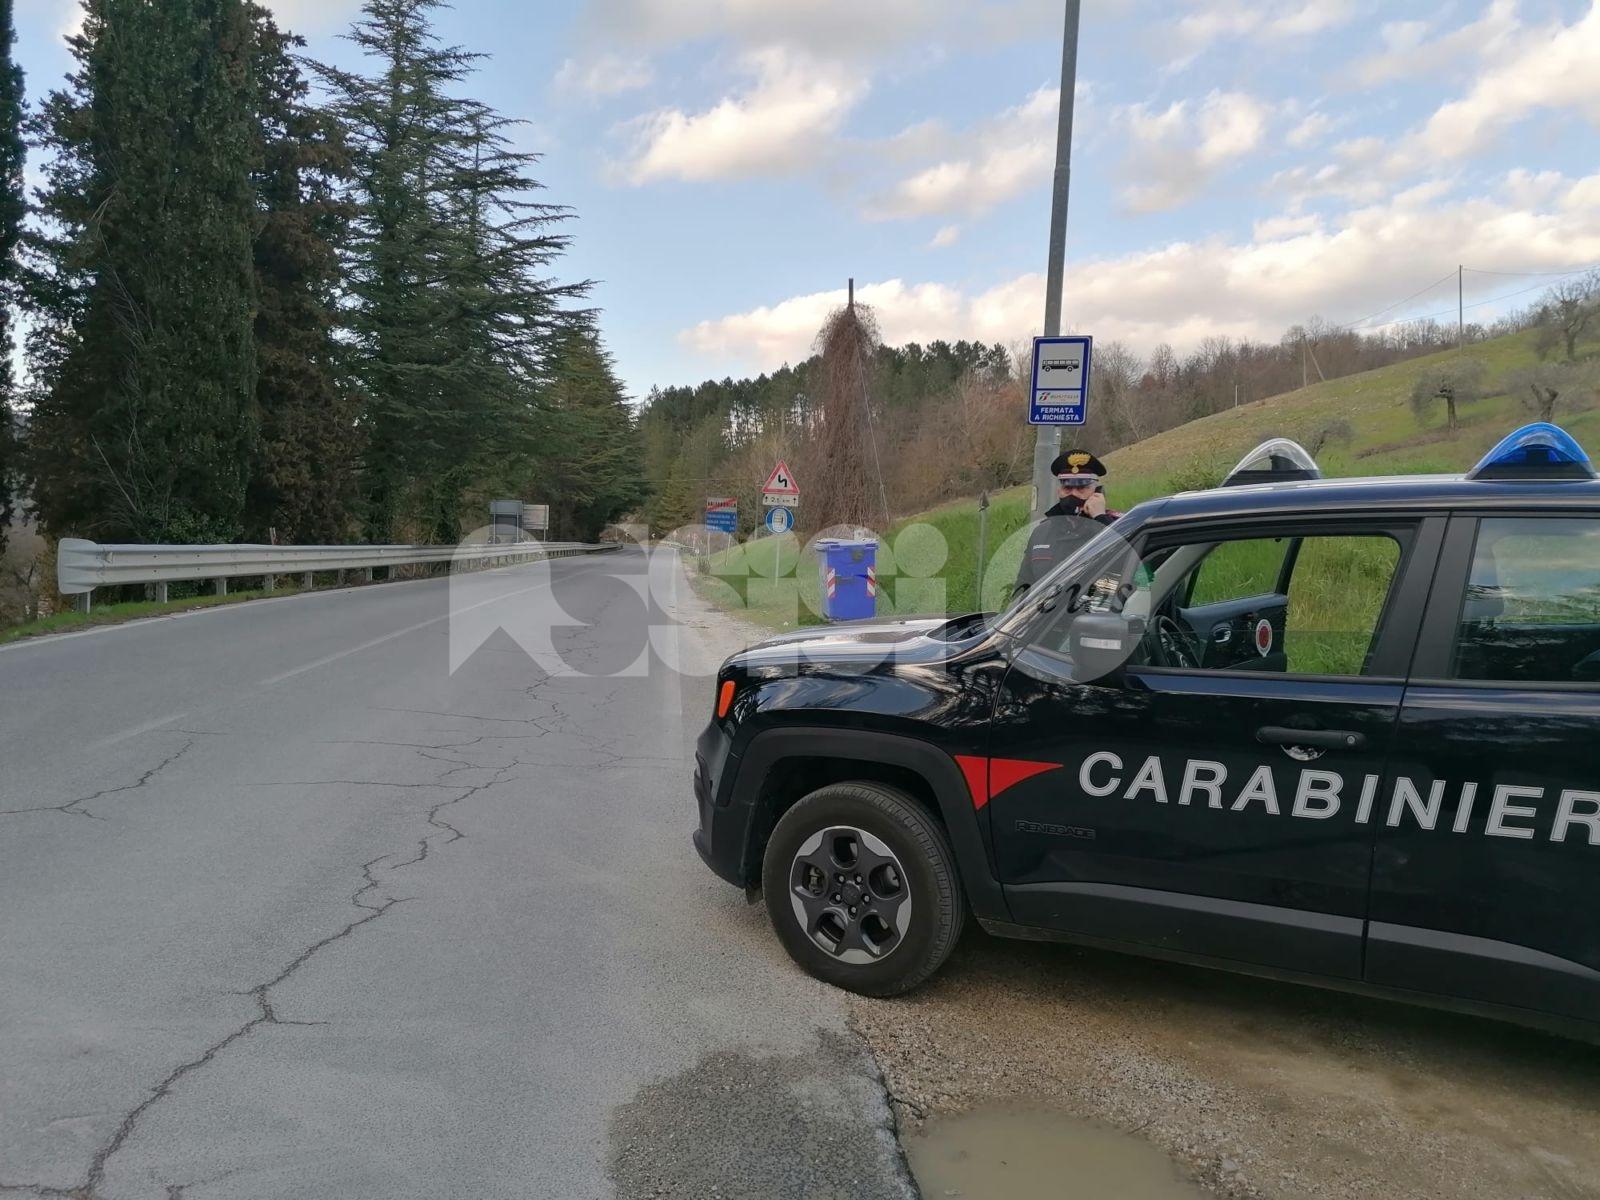 Tenta di prendere a pugni un carabiniere, arrestato 50enne